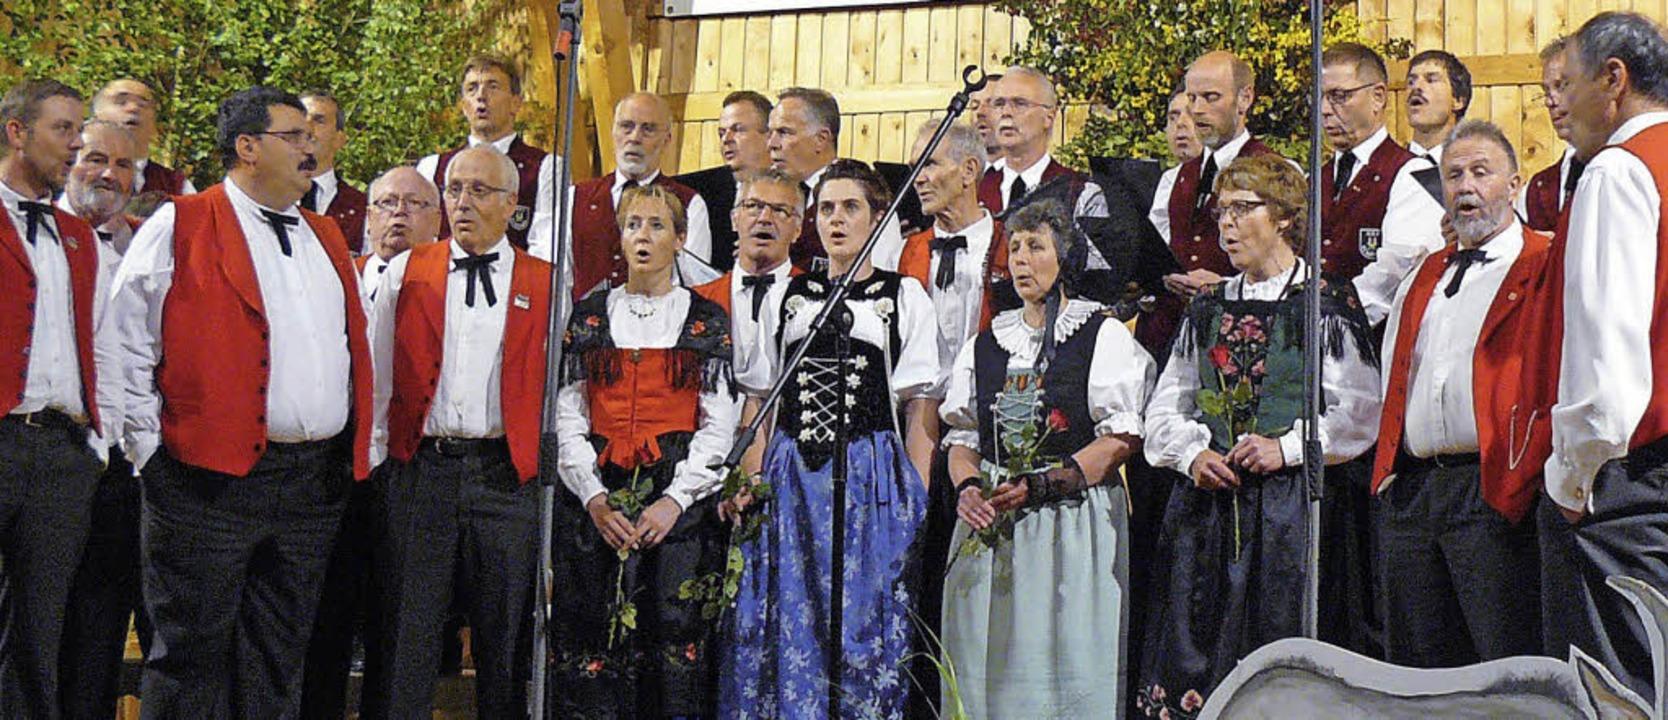 Finale mit dem Jodelclub Calanda Chur und dem Männergesangverein St. Märgen.   | Foto: Edeltraud Blume